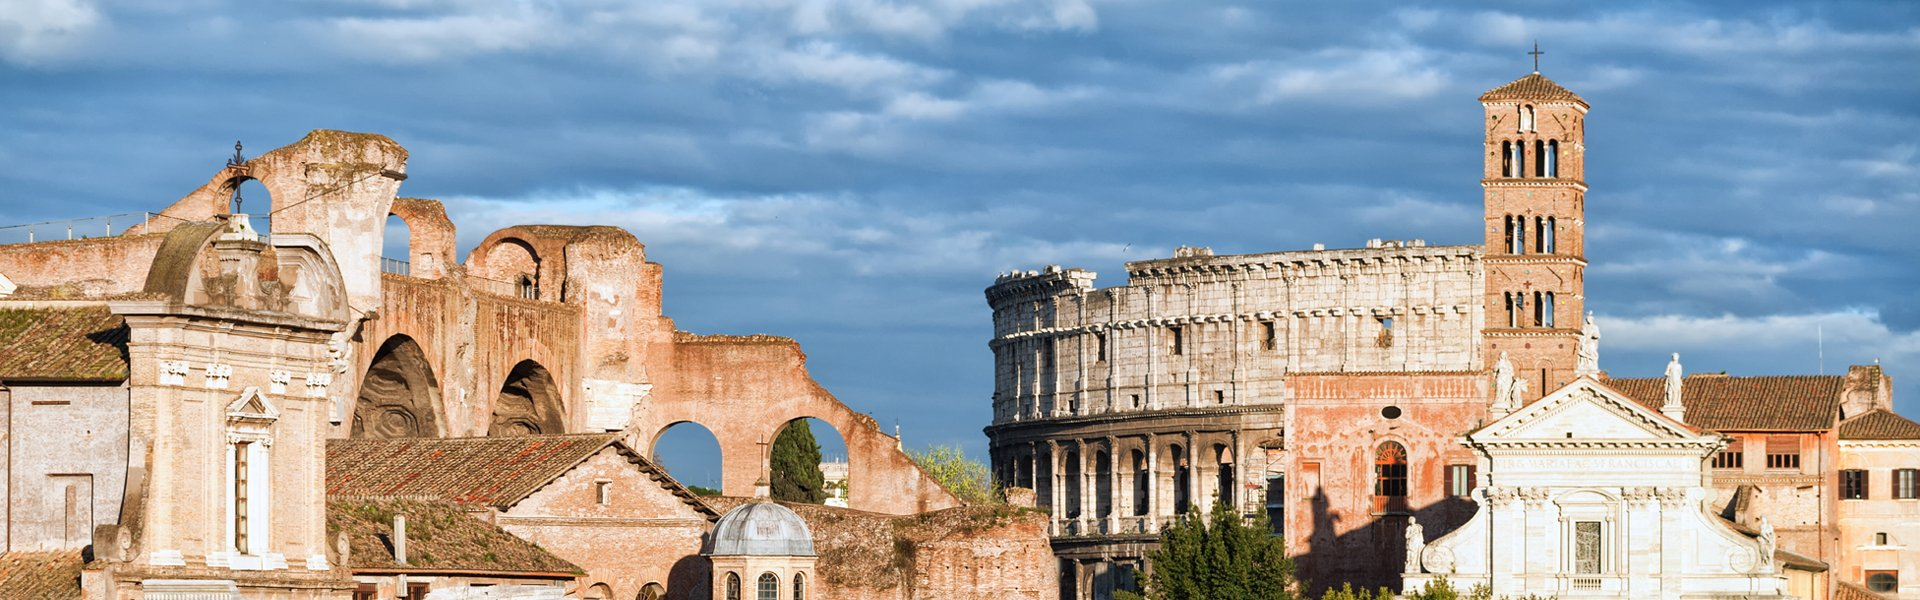 Forum Romanum, Italië